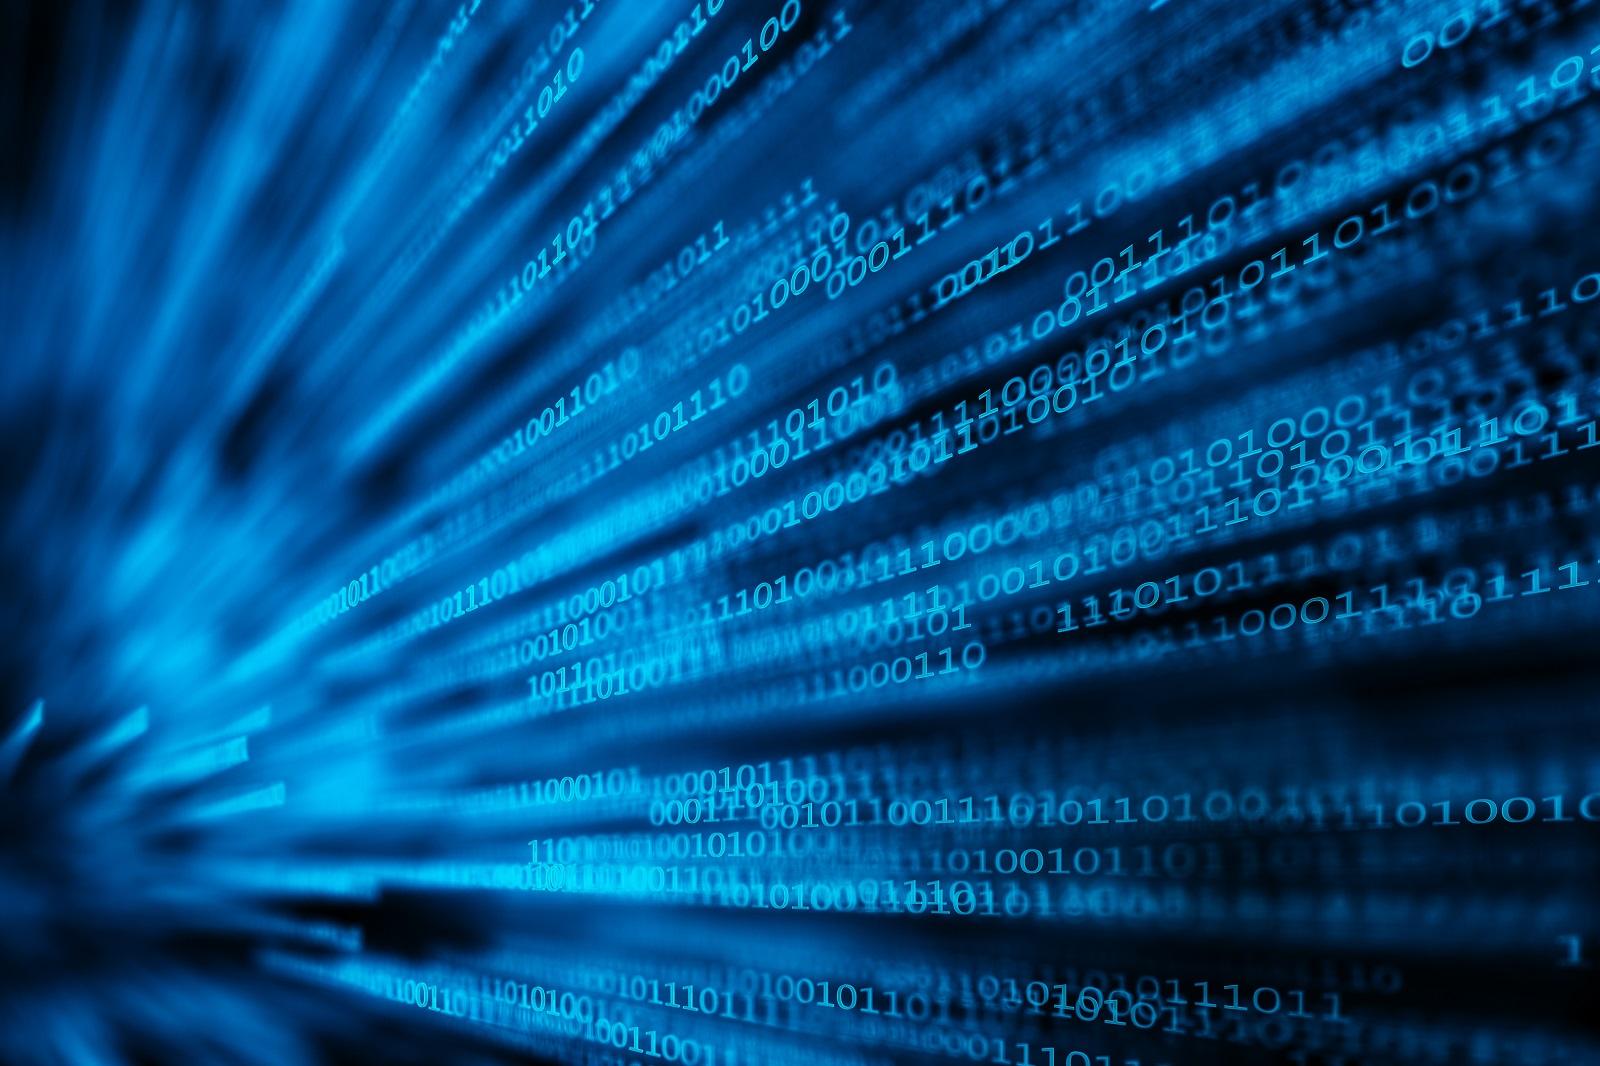 Städte brauchen mehr Digitalisierung